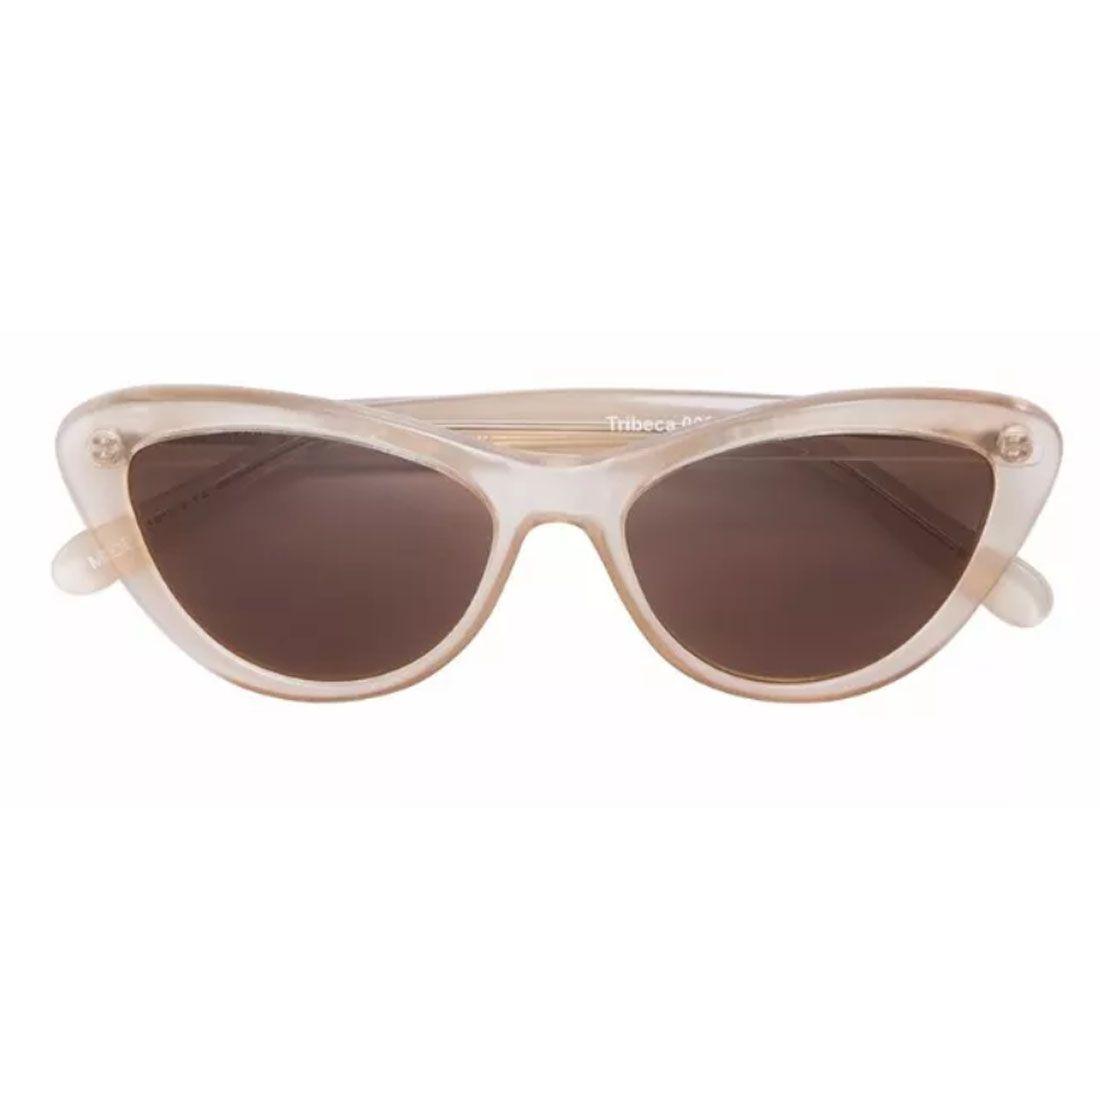 Óculos De Sol Helena Bordon Modelo Tribeca Transparente